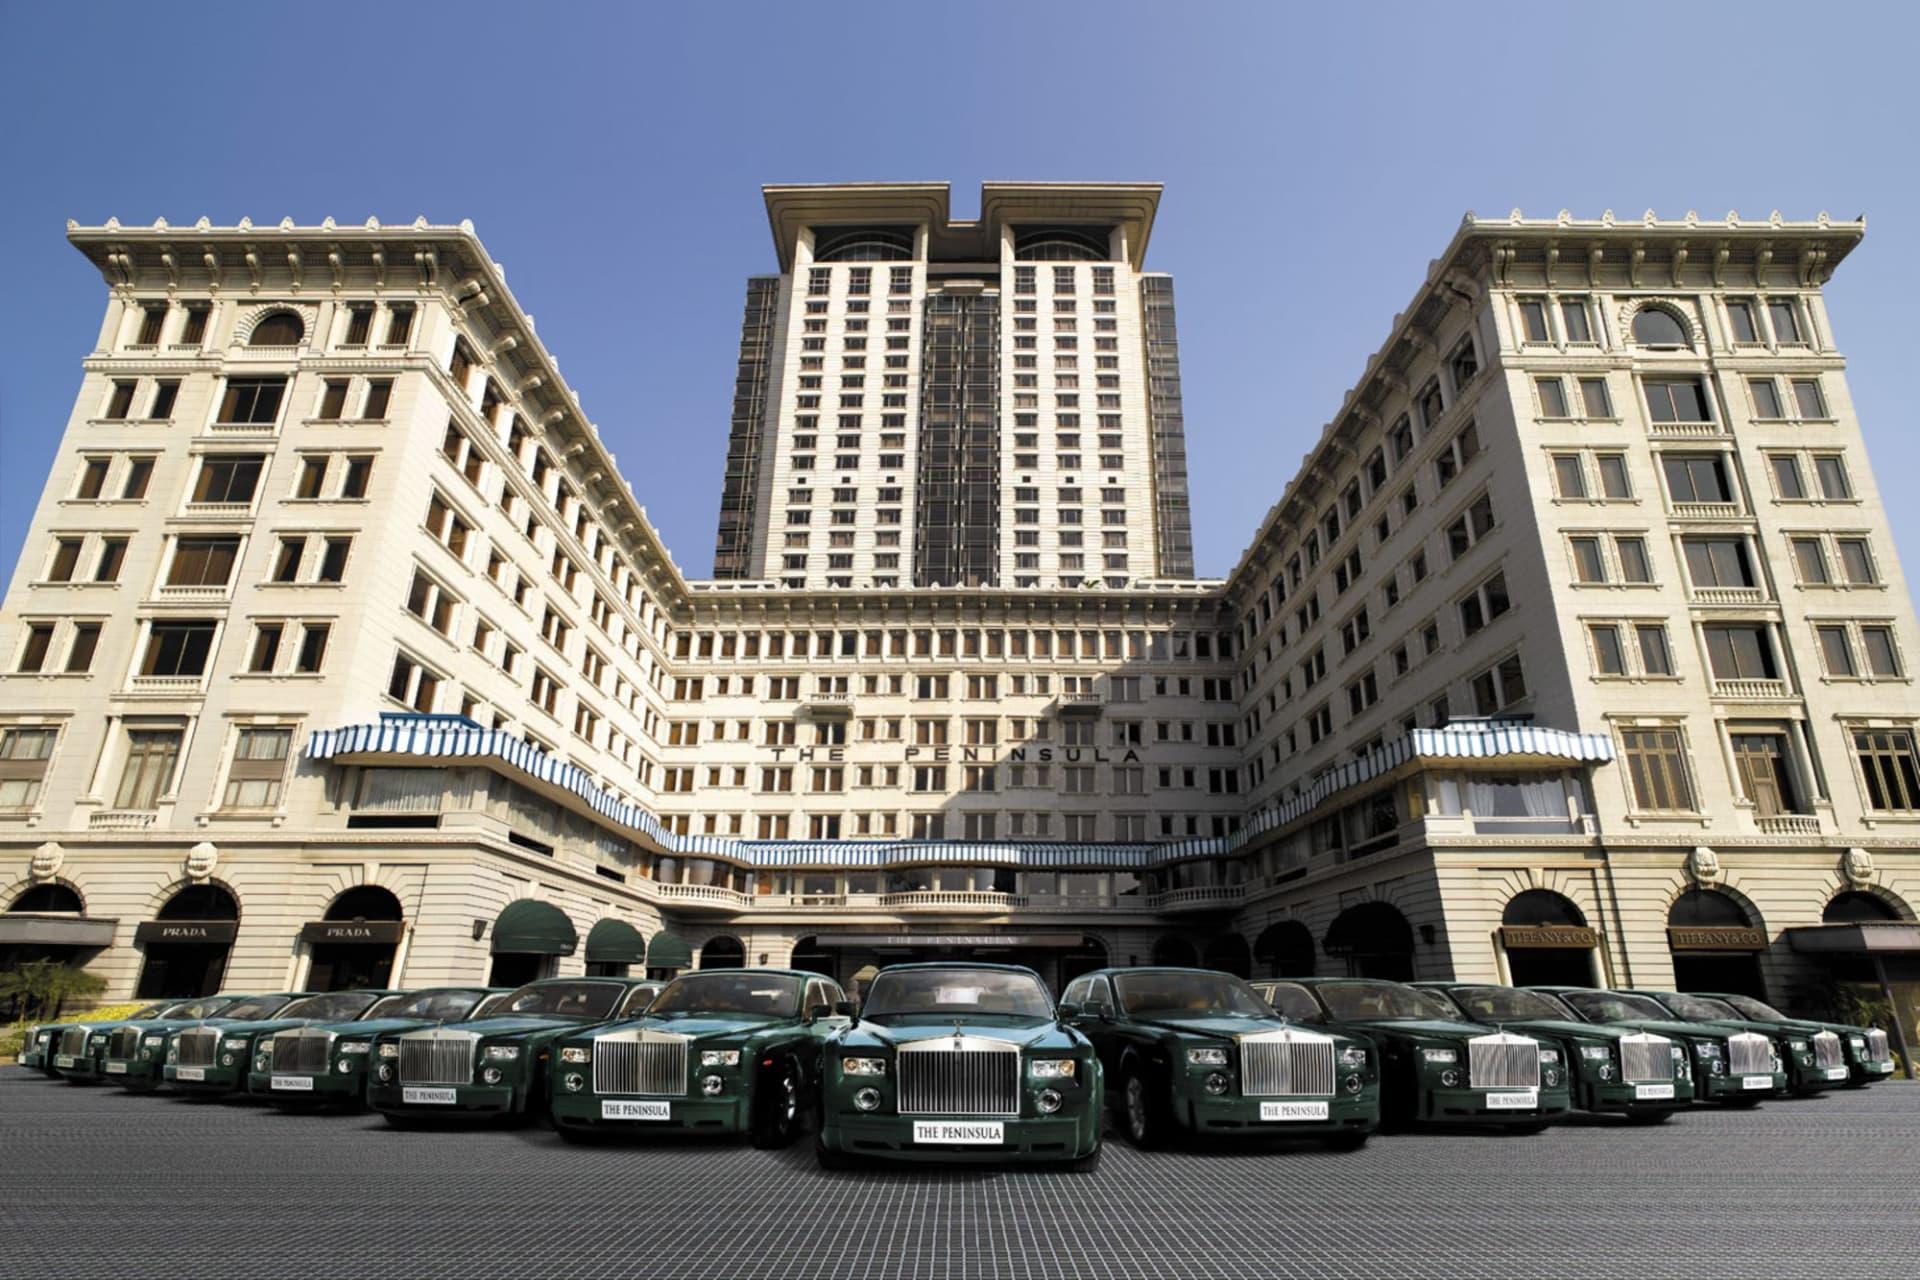 exterior: Rolls-Royce Fleet